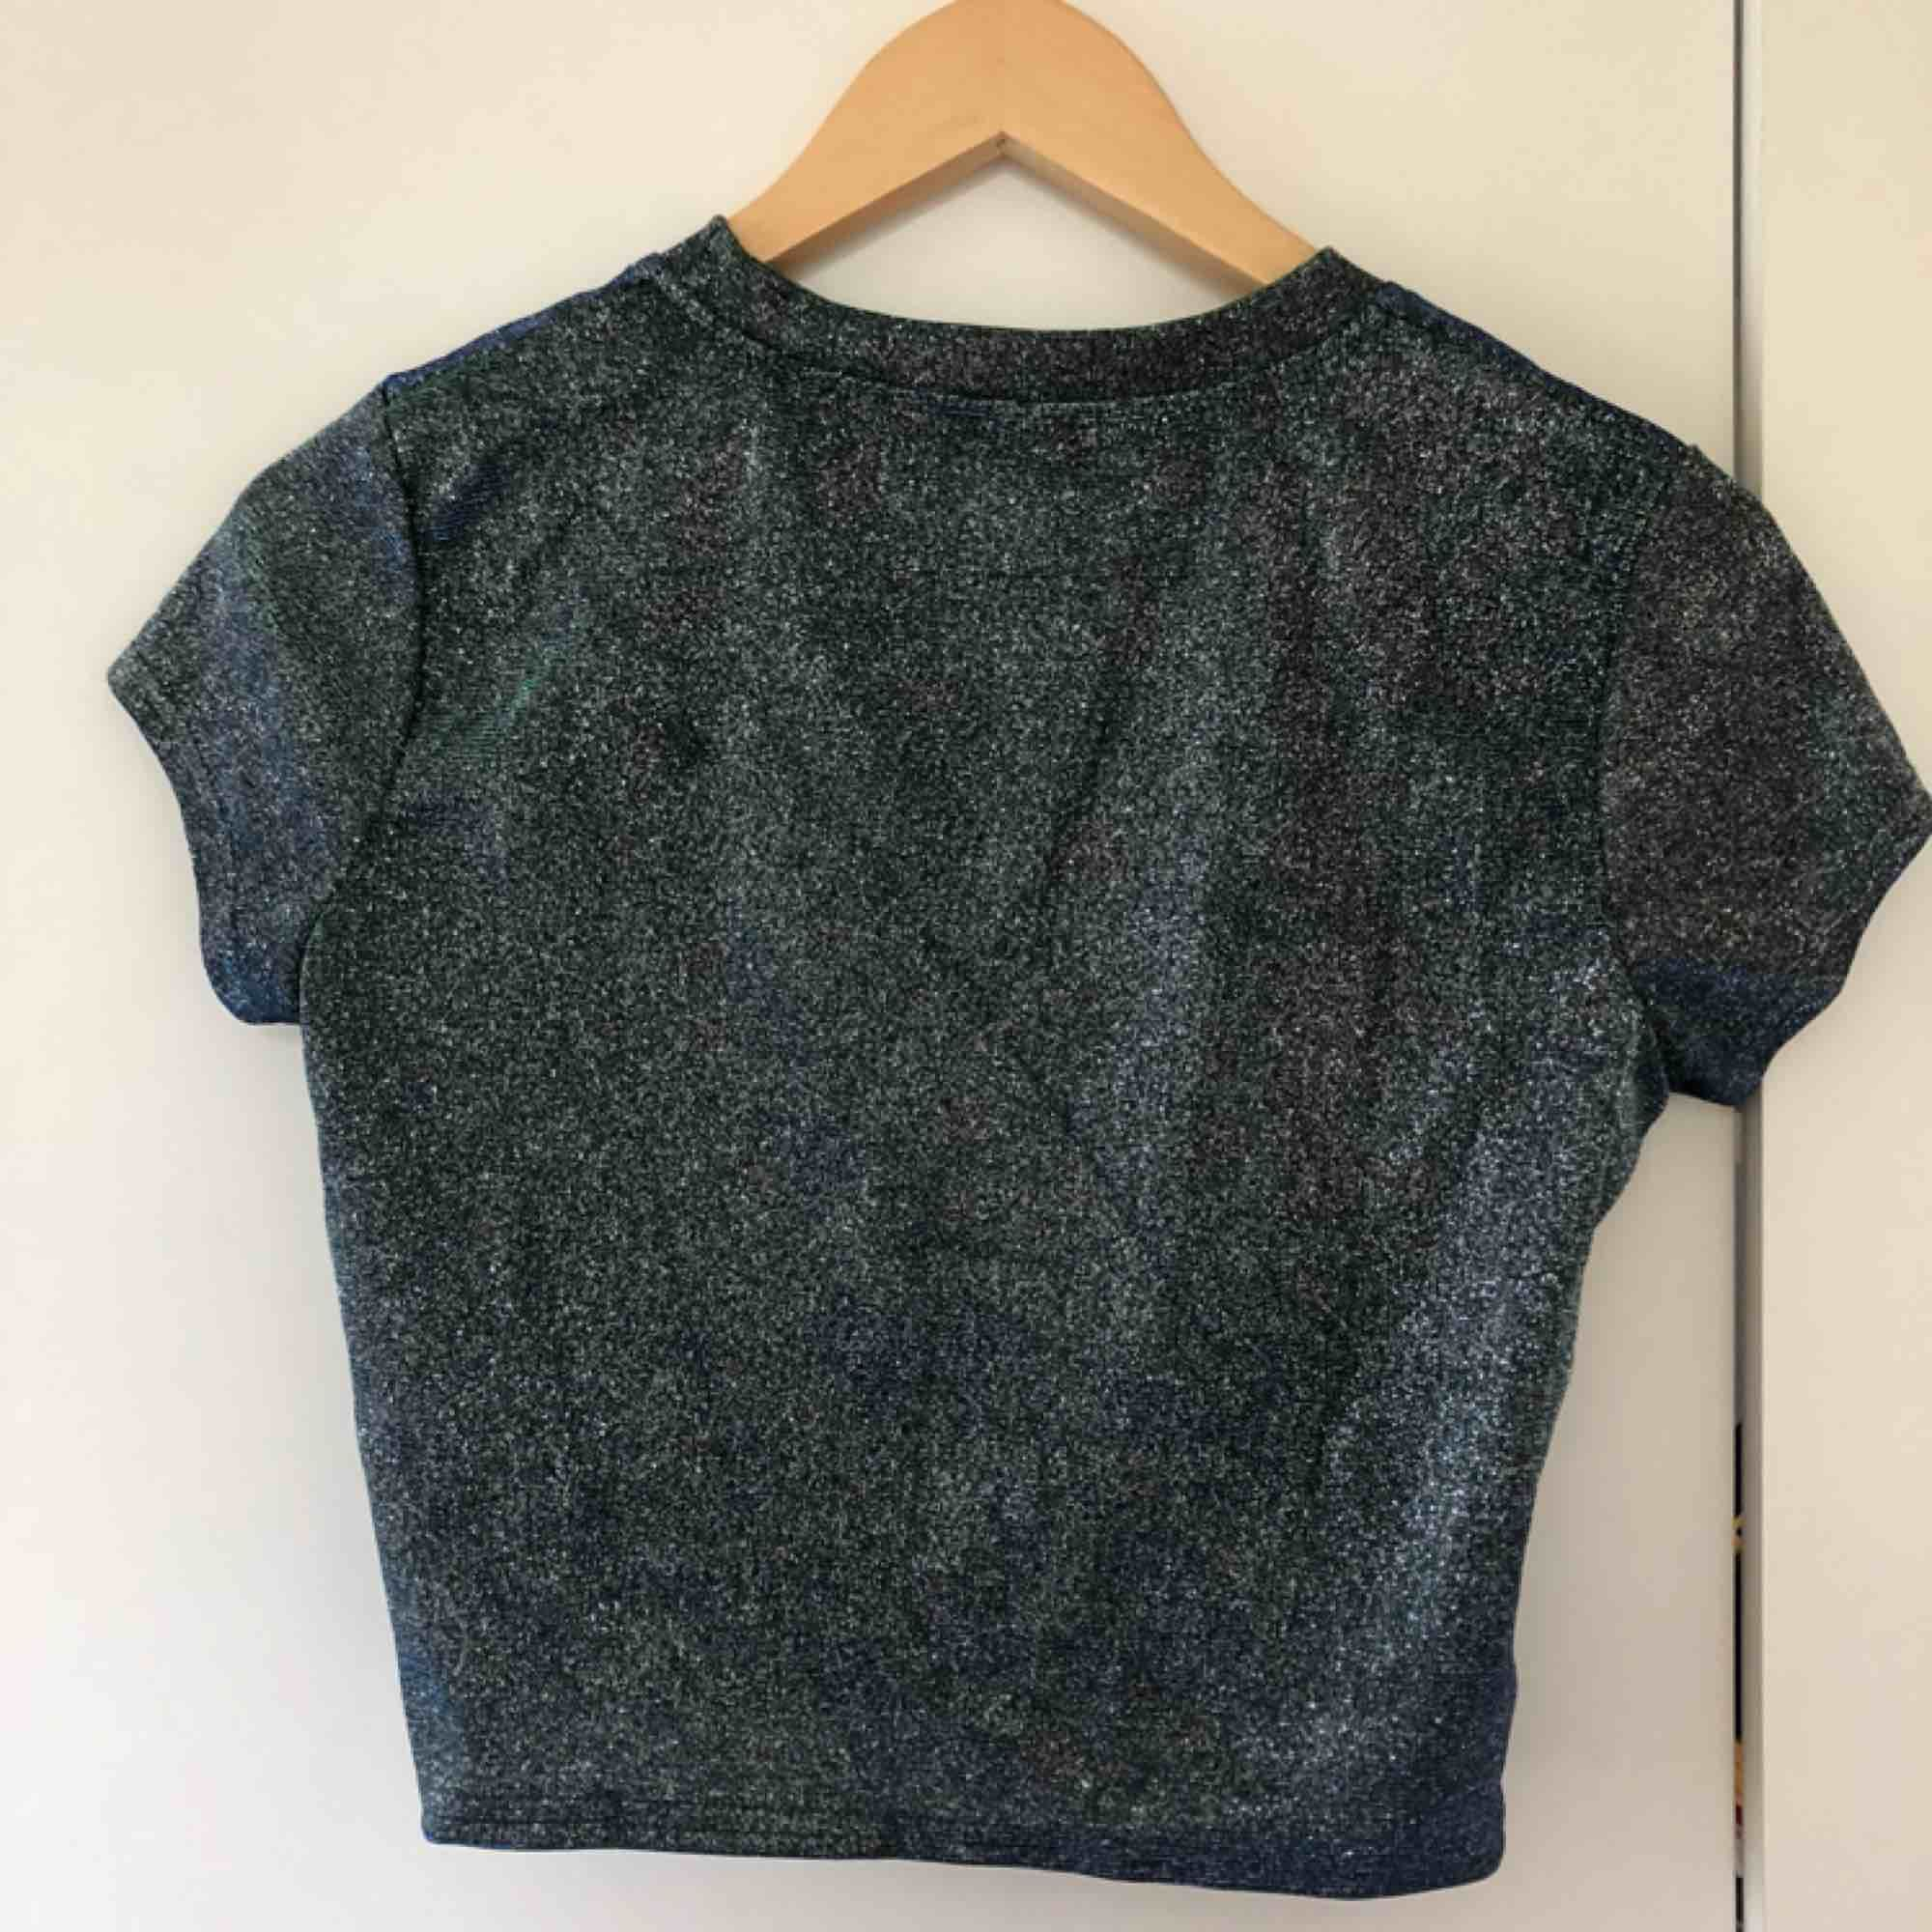 Glittrig t-shirt från Urban Outfitters som skiftar i silver/blå/grön (syns ej på bilderna). I superfint skick, storlek S. Köparen står för frakten. T-shirts.